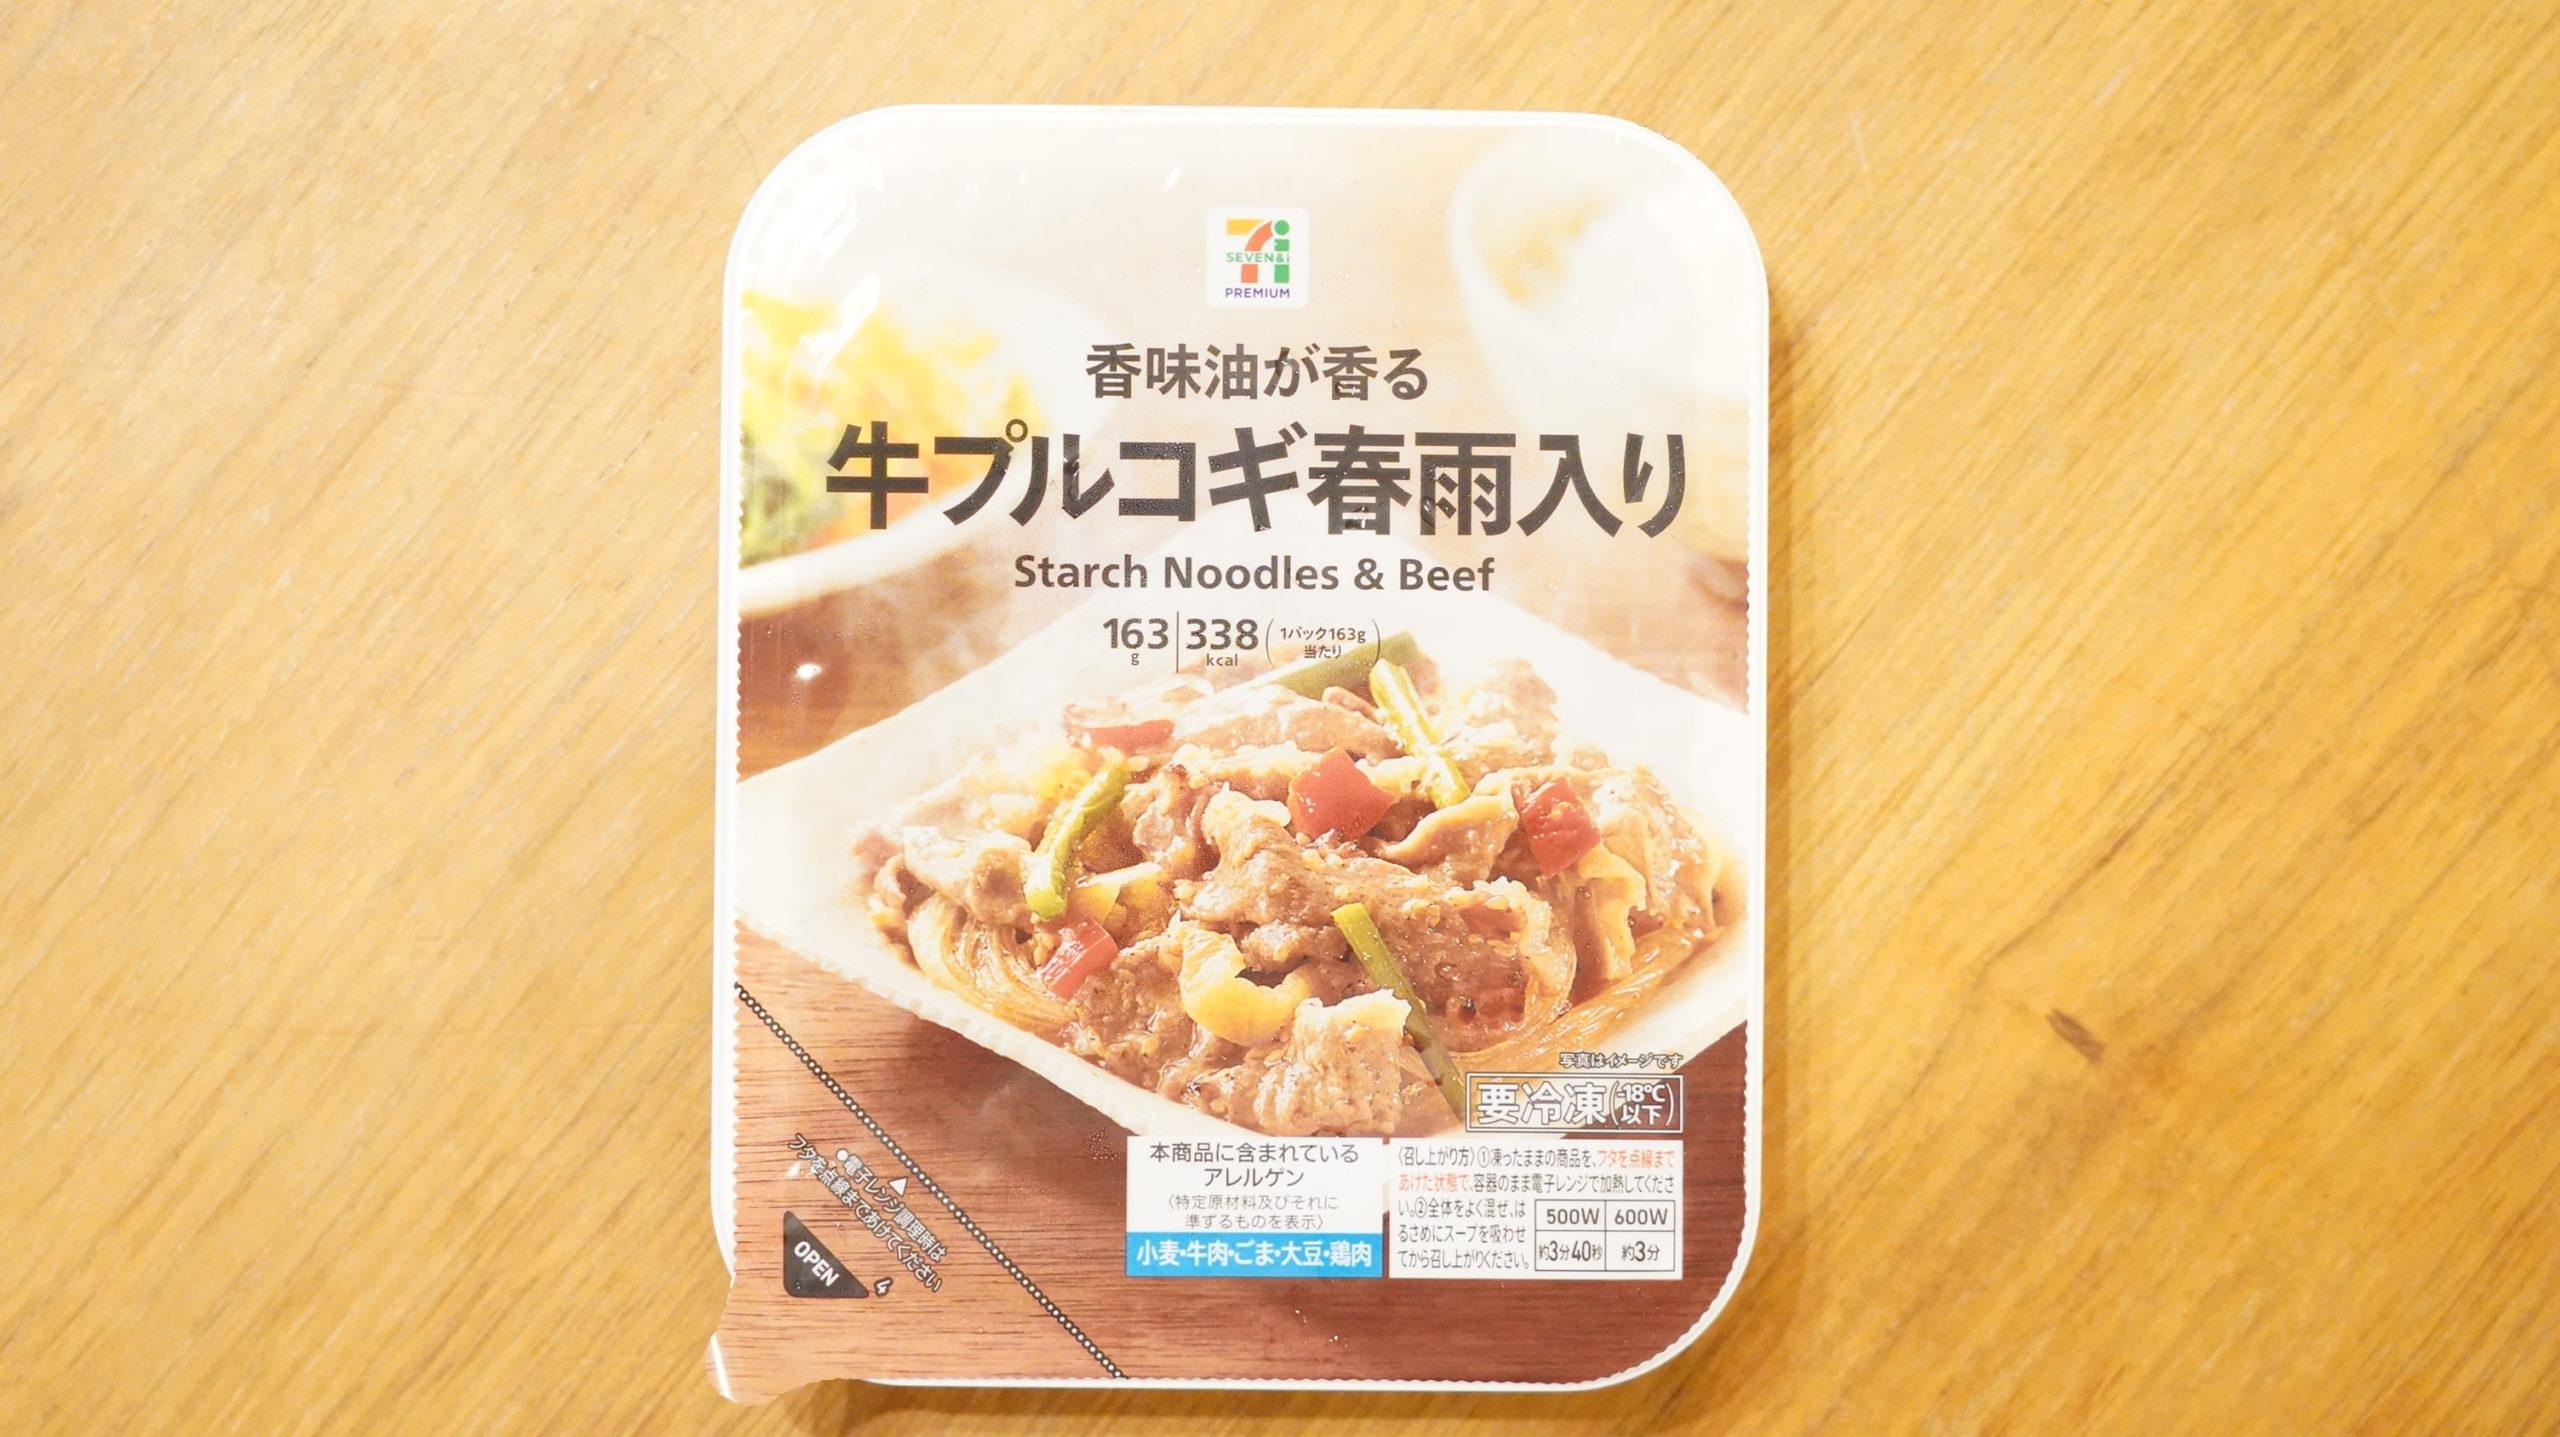 セブンイレブンのおすすめ冷凍食品「牛プルコギ春雨入り」のパッケージ写真